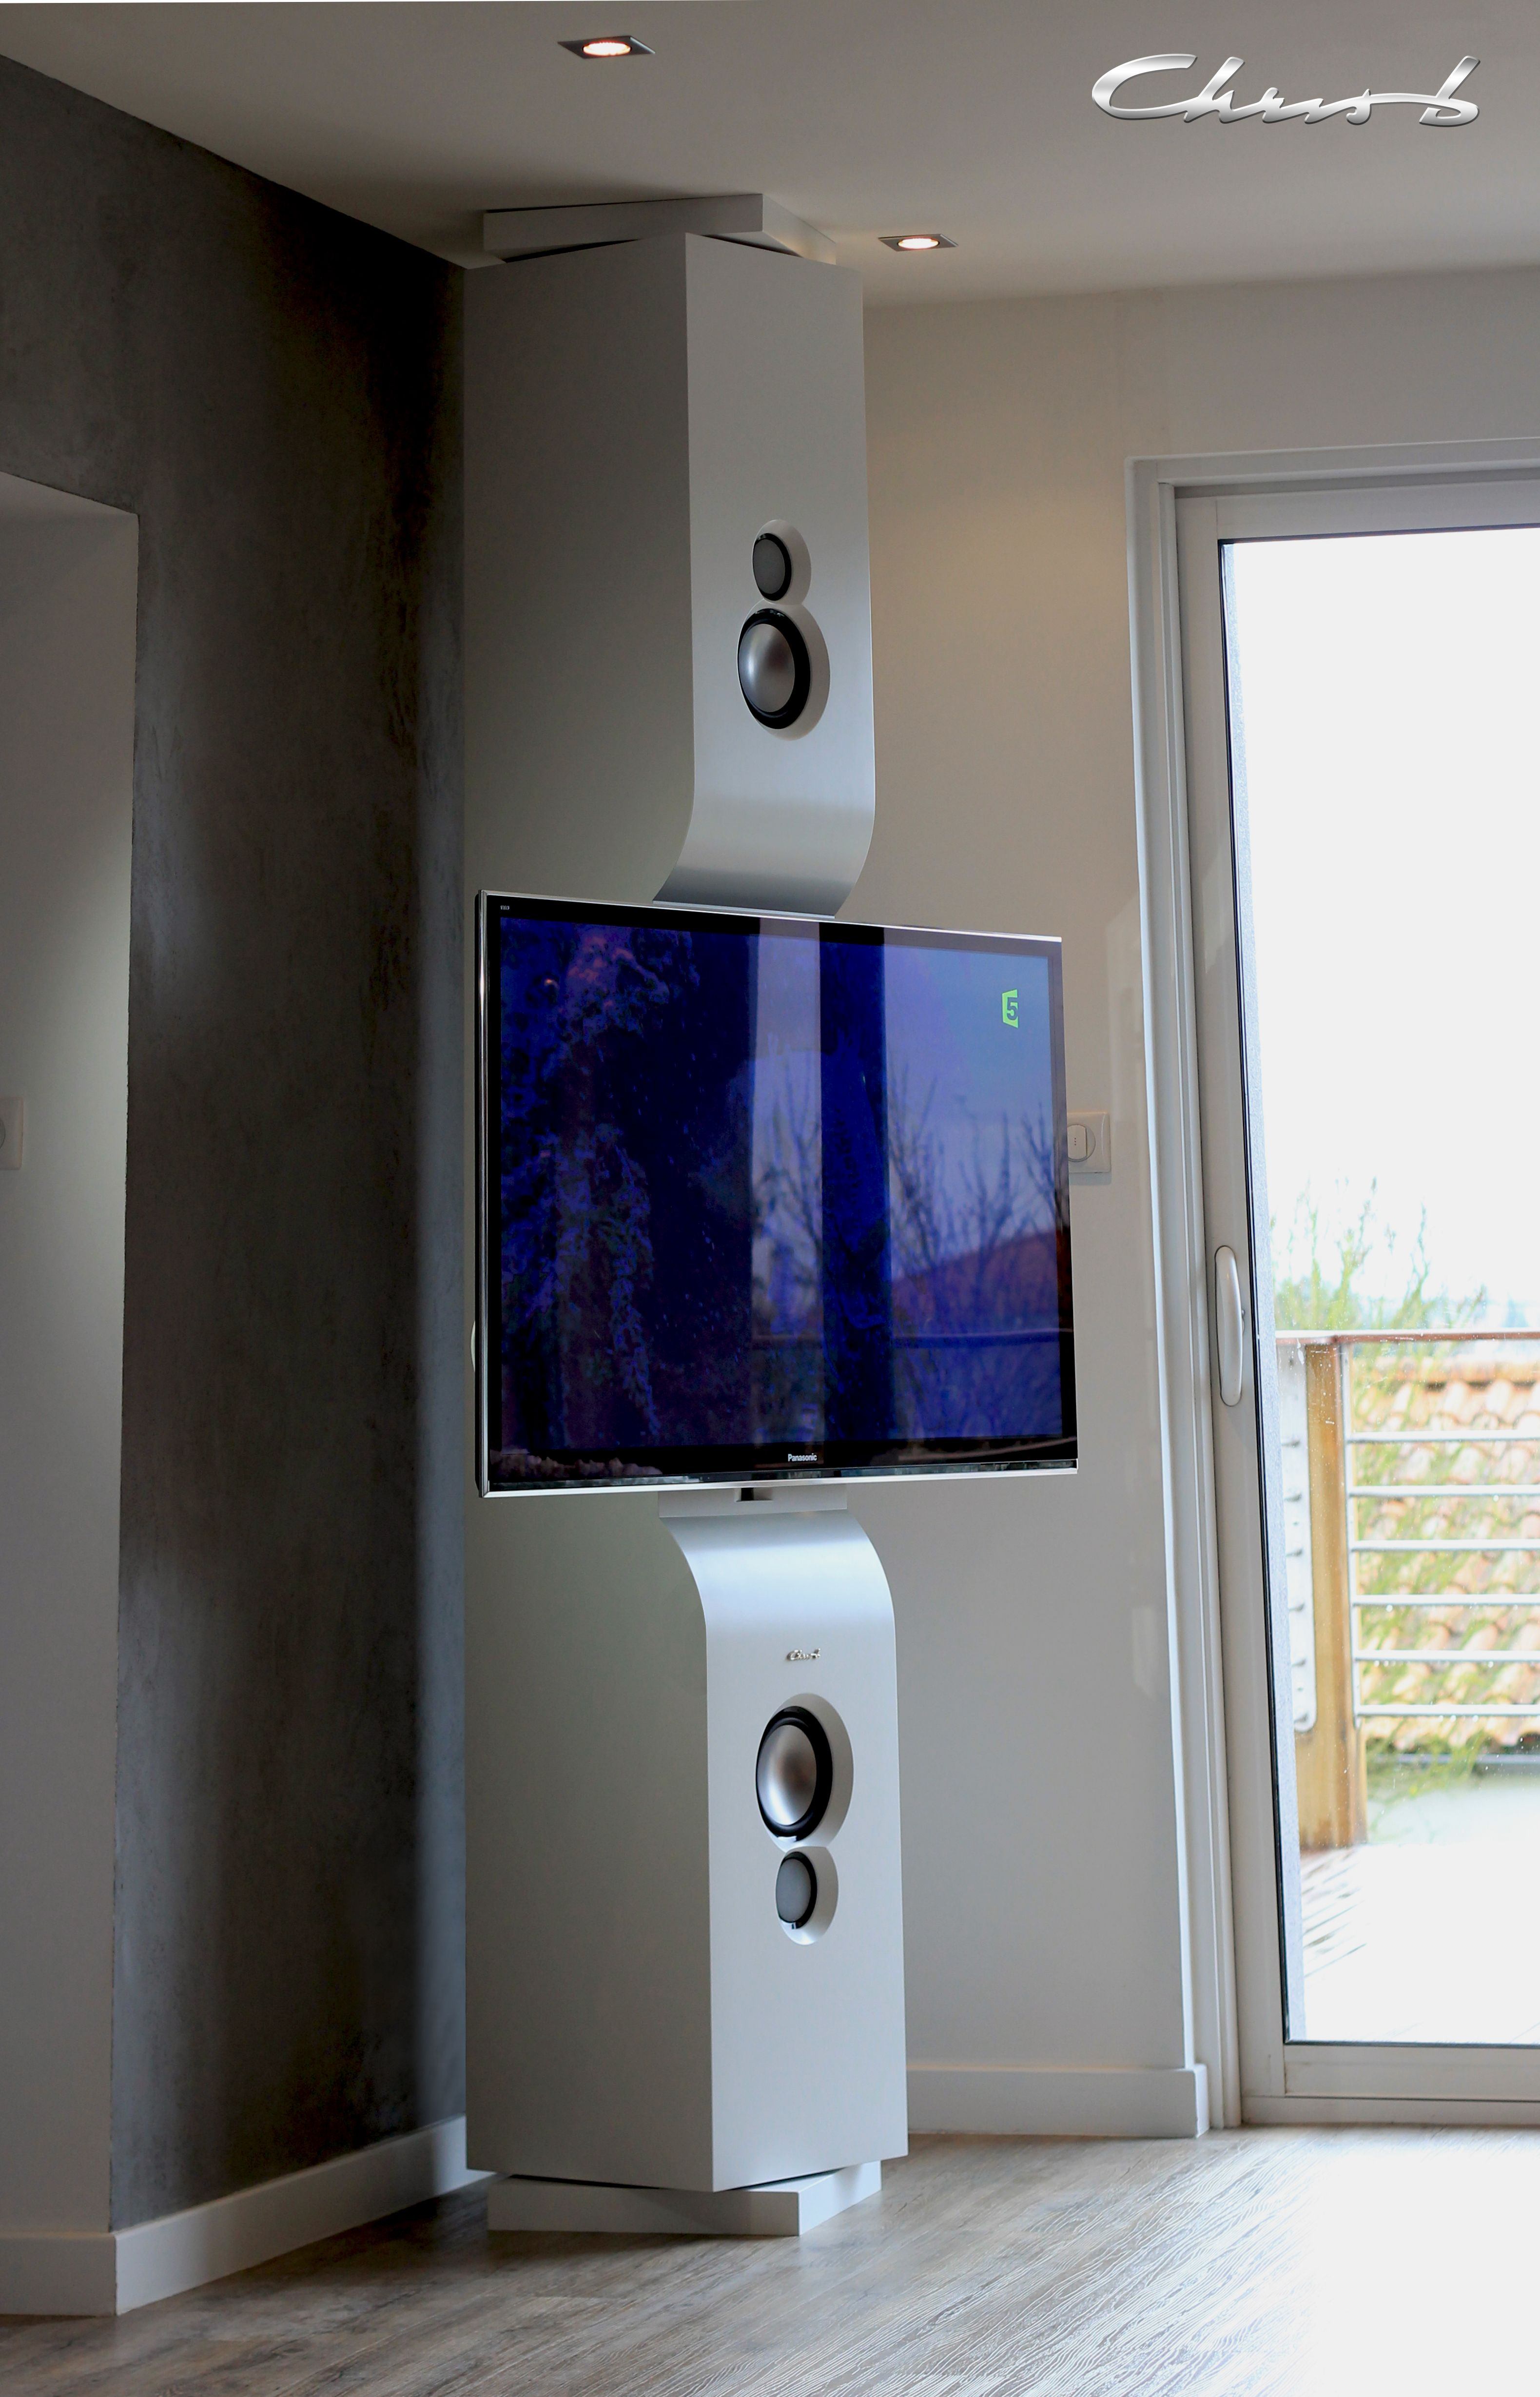 un meuble colonne sol plafond orientable pour accrocher son ecran plat au salon un sonorisation complet meuble colonne mobilier de salon idees pour la maison